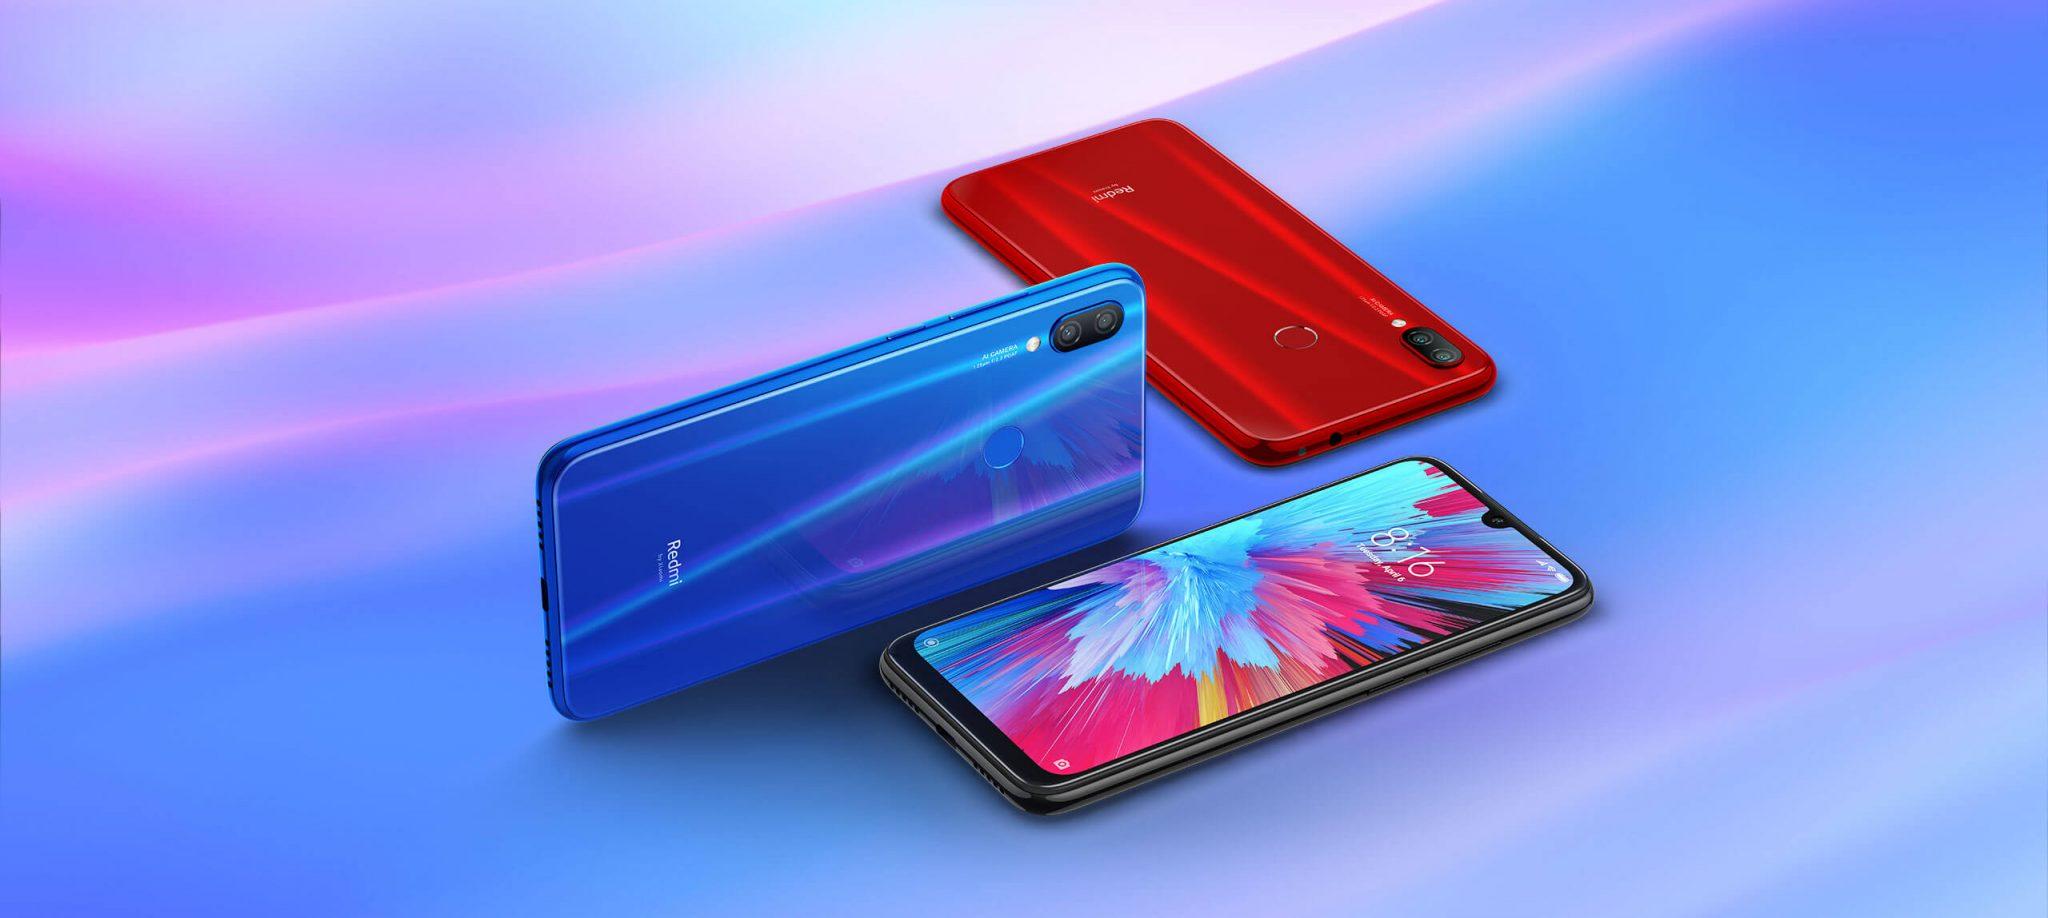 Xiaomi Redmi Note 7 Price In Nepal